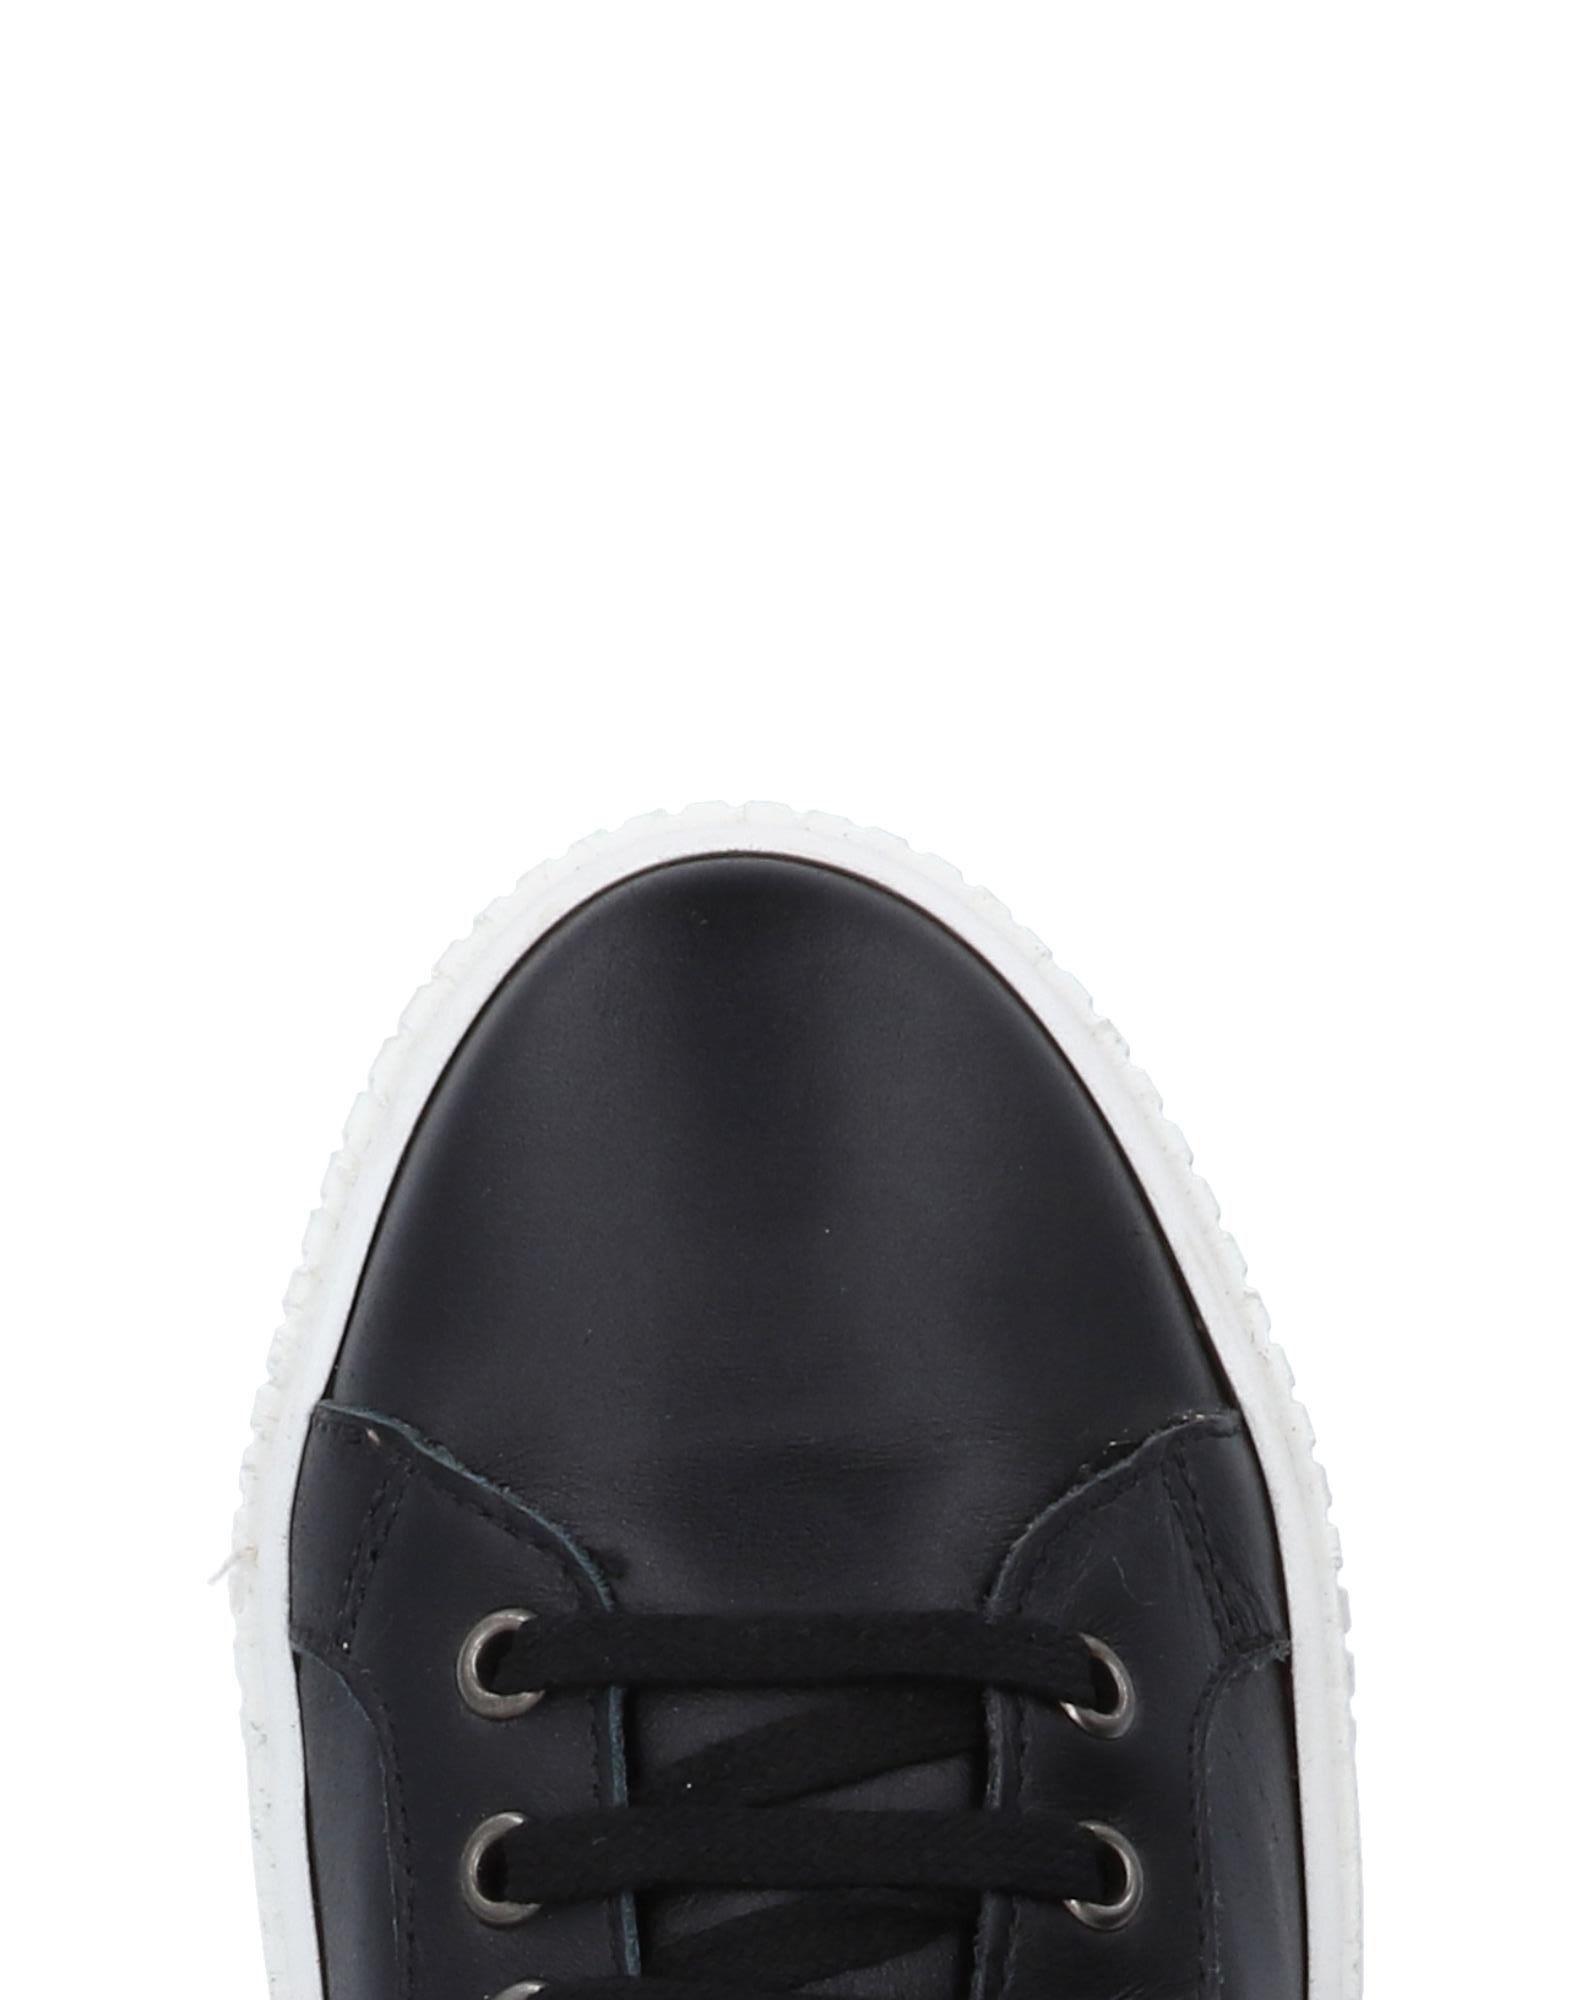 Tsd12 Sneakers Damen  11453967VK 11453967VK 11453967VK Gute Qualität beliebte Schuhe e44c88